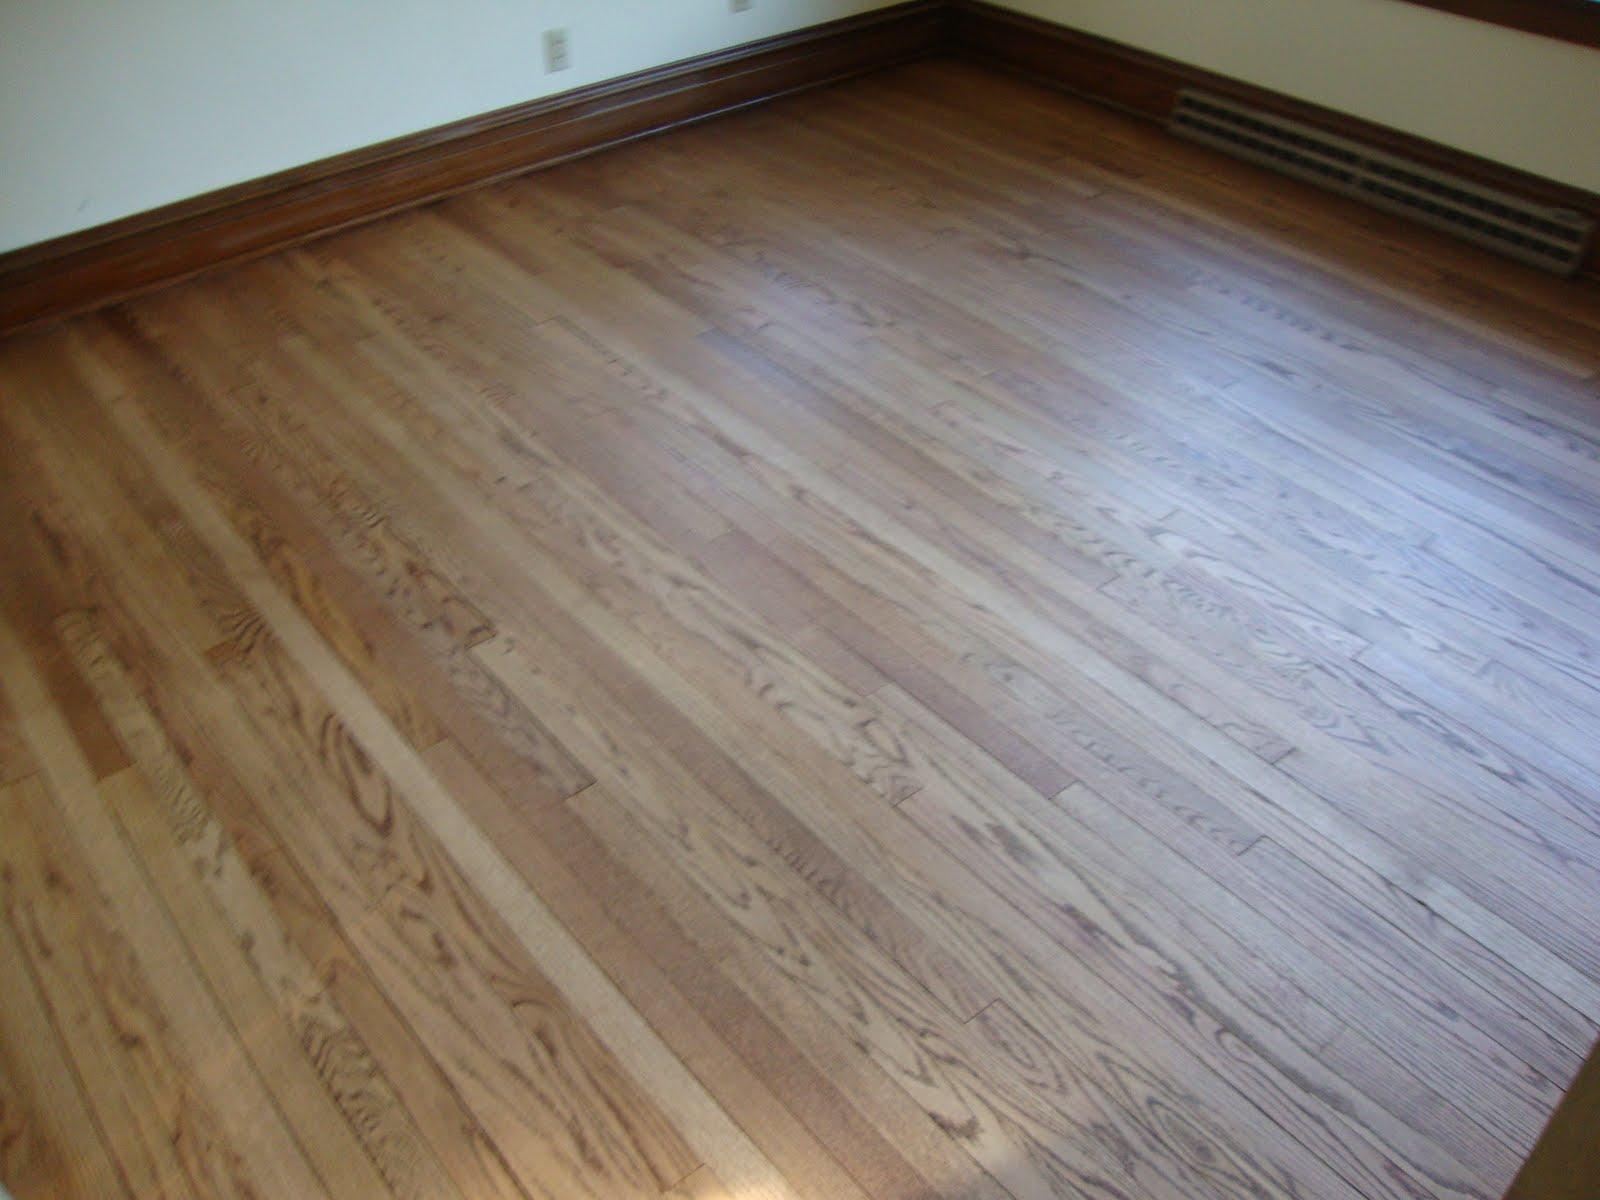 J k homestead june 2010 for Hardwood floors too shiny